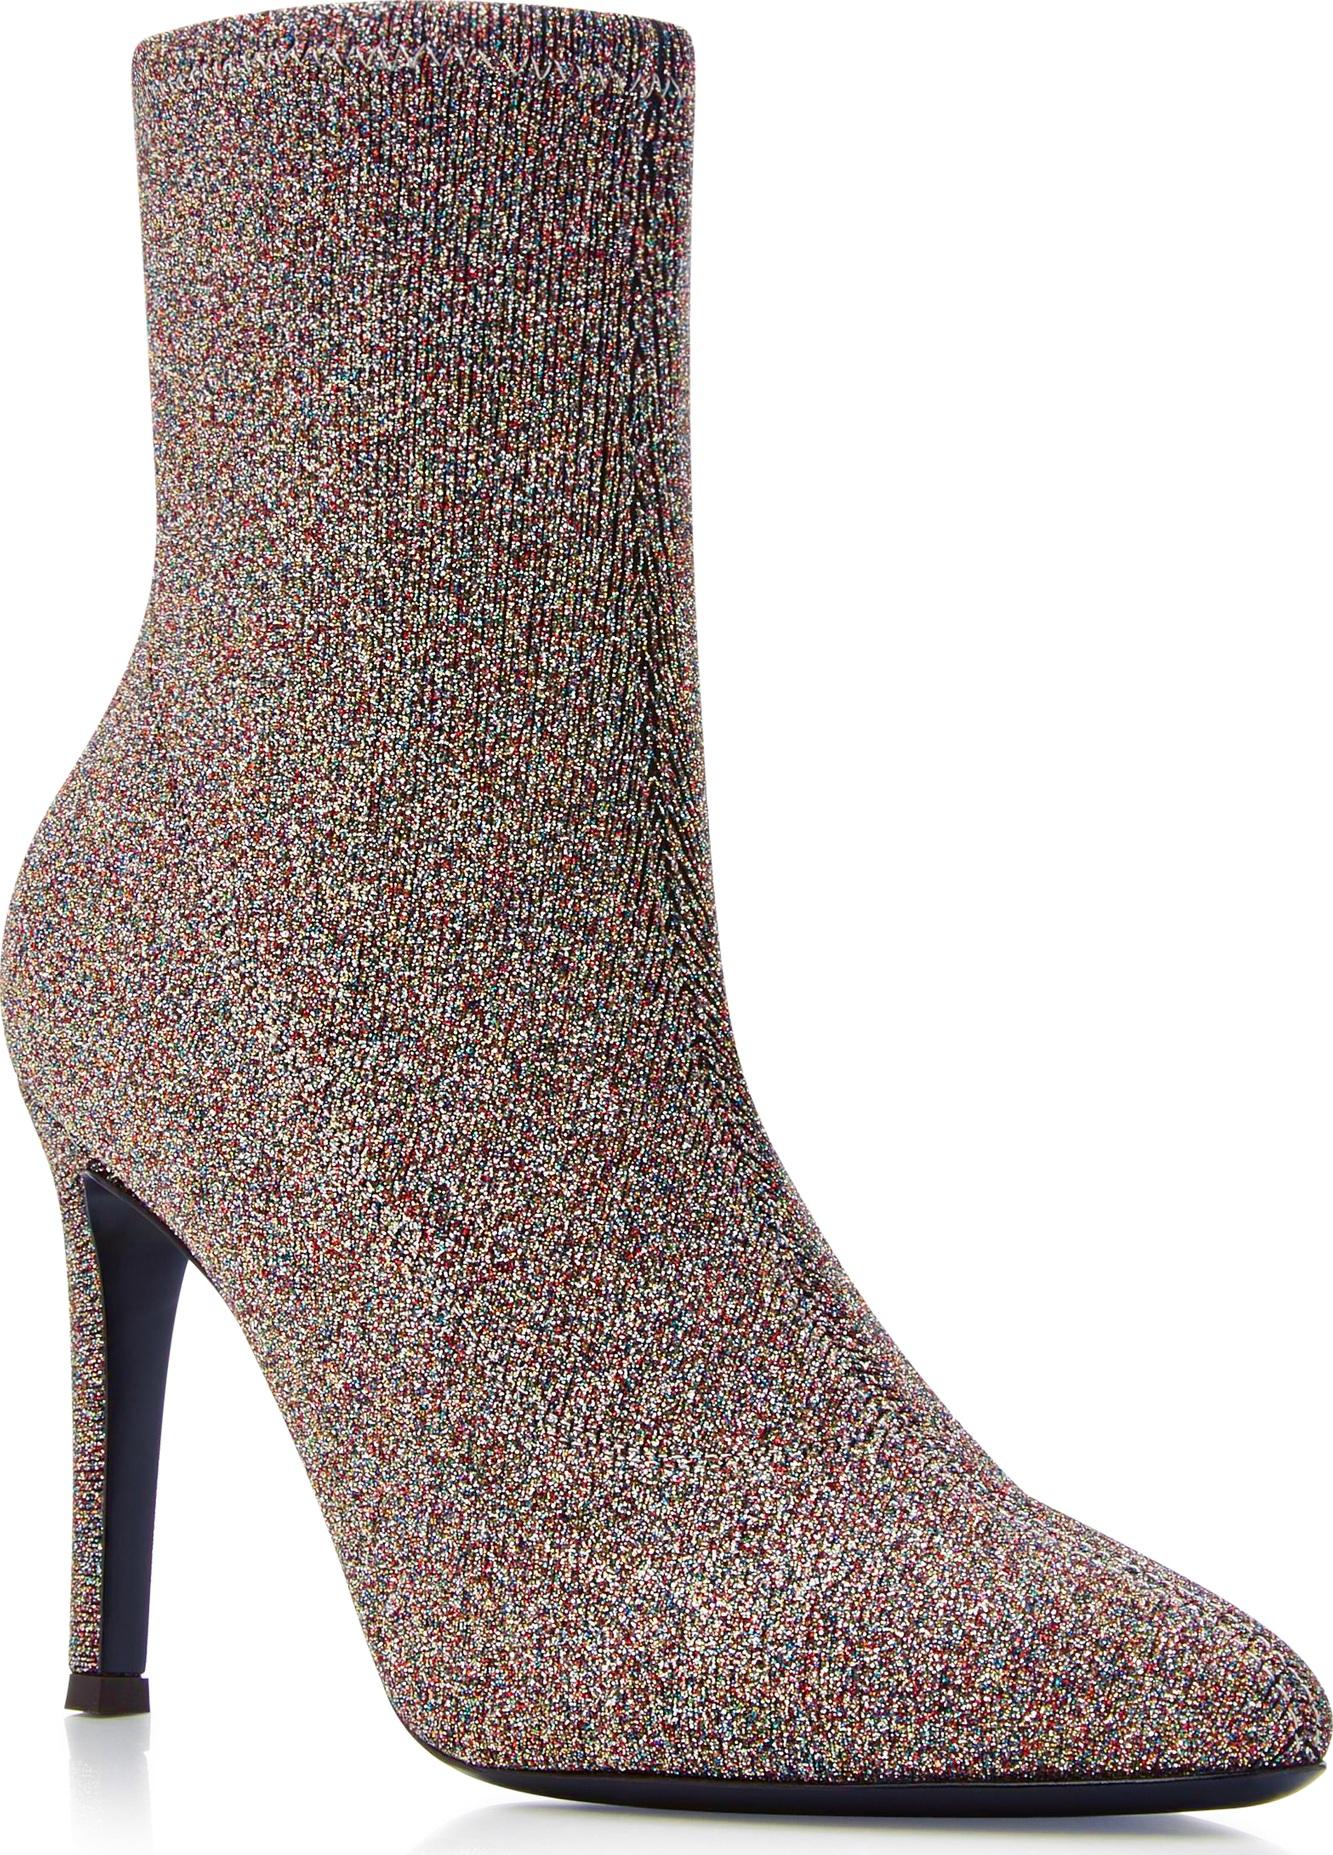 Giuseppe Zanotti - Natalie Stretch-Knit Ankle Boots